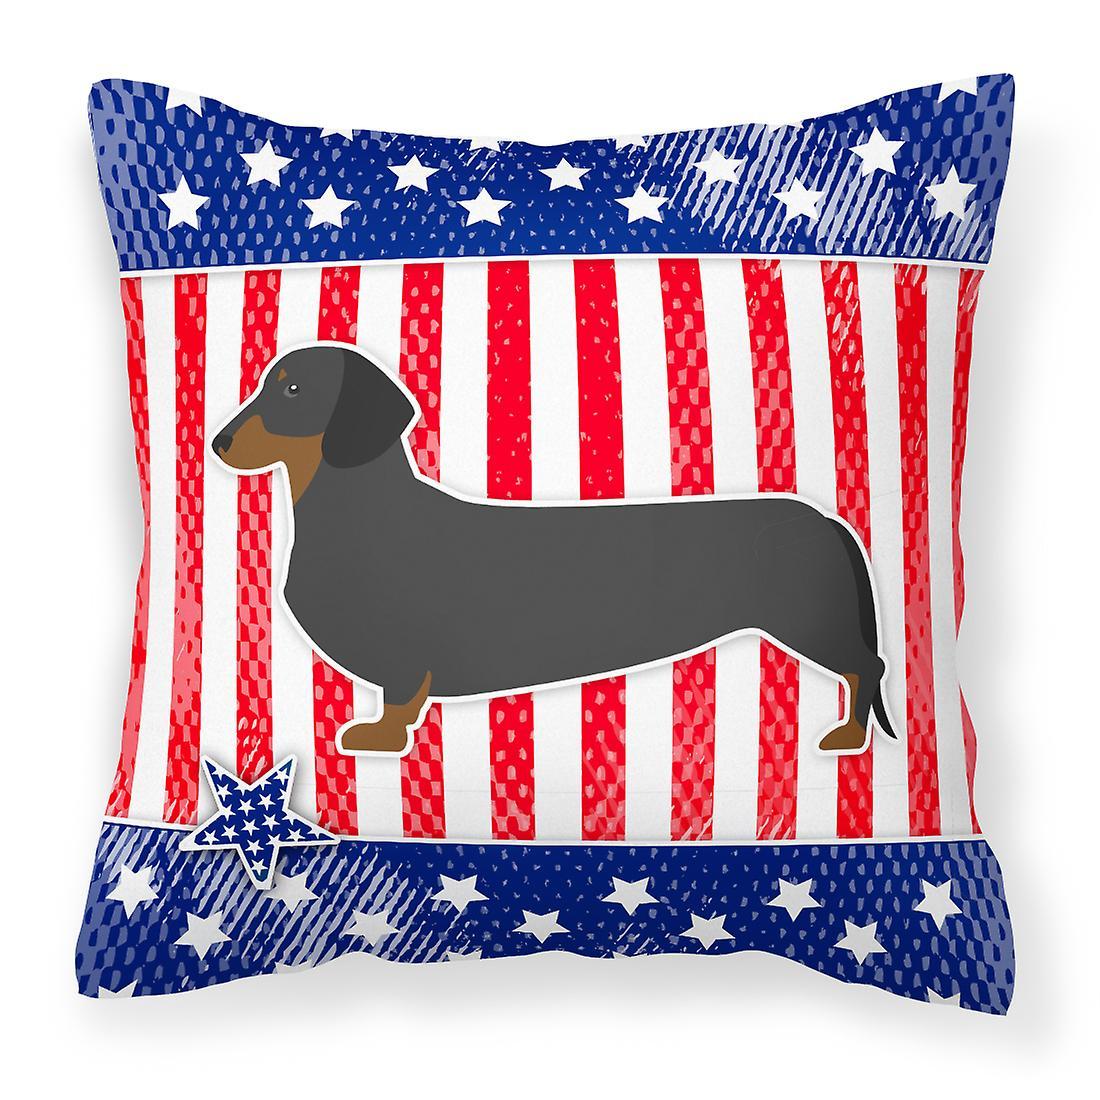 USA teckel patriotique tissu oreiller décoratif